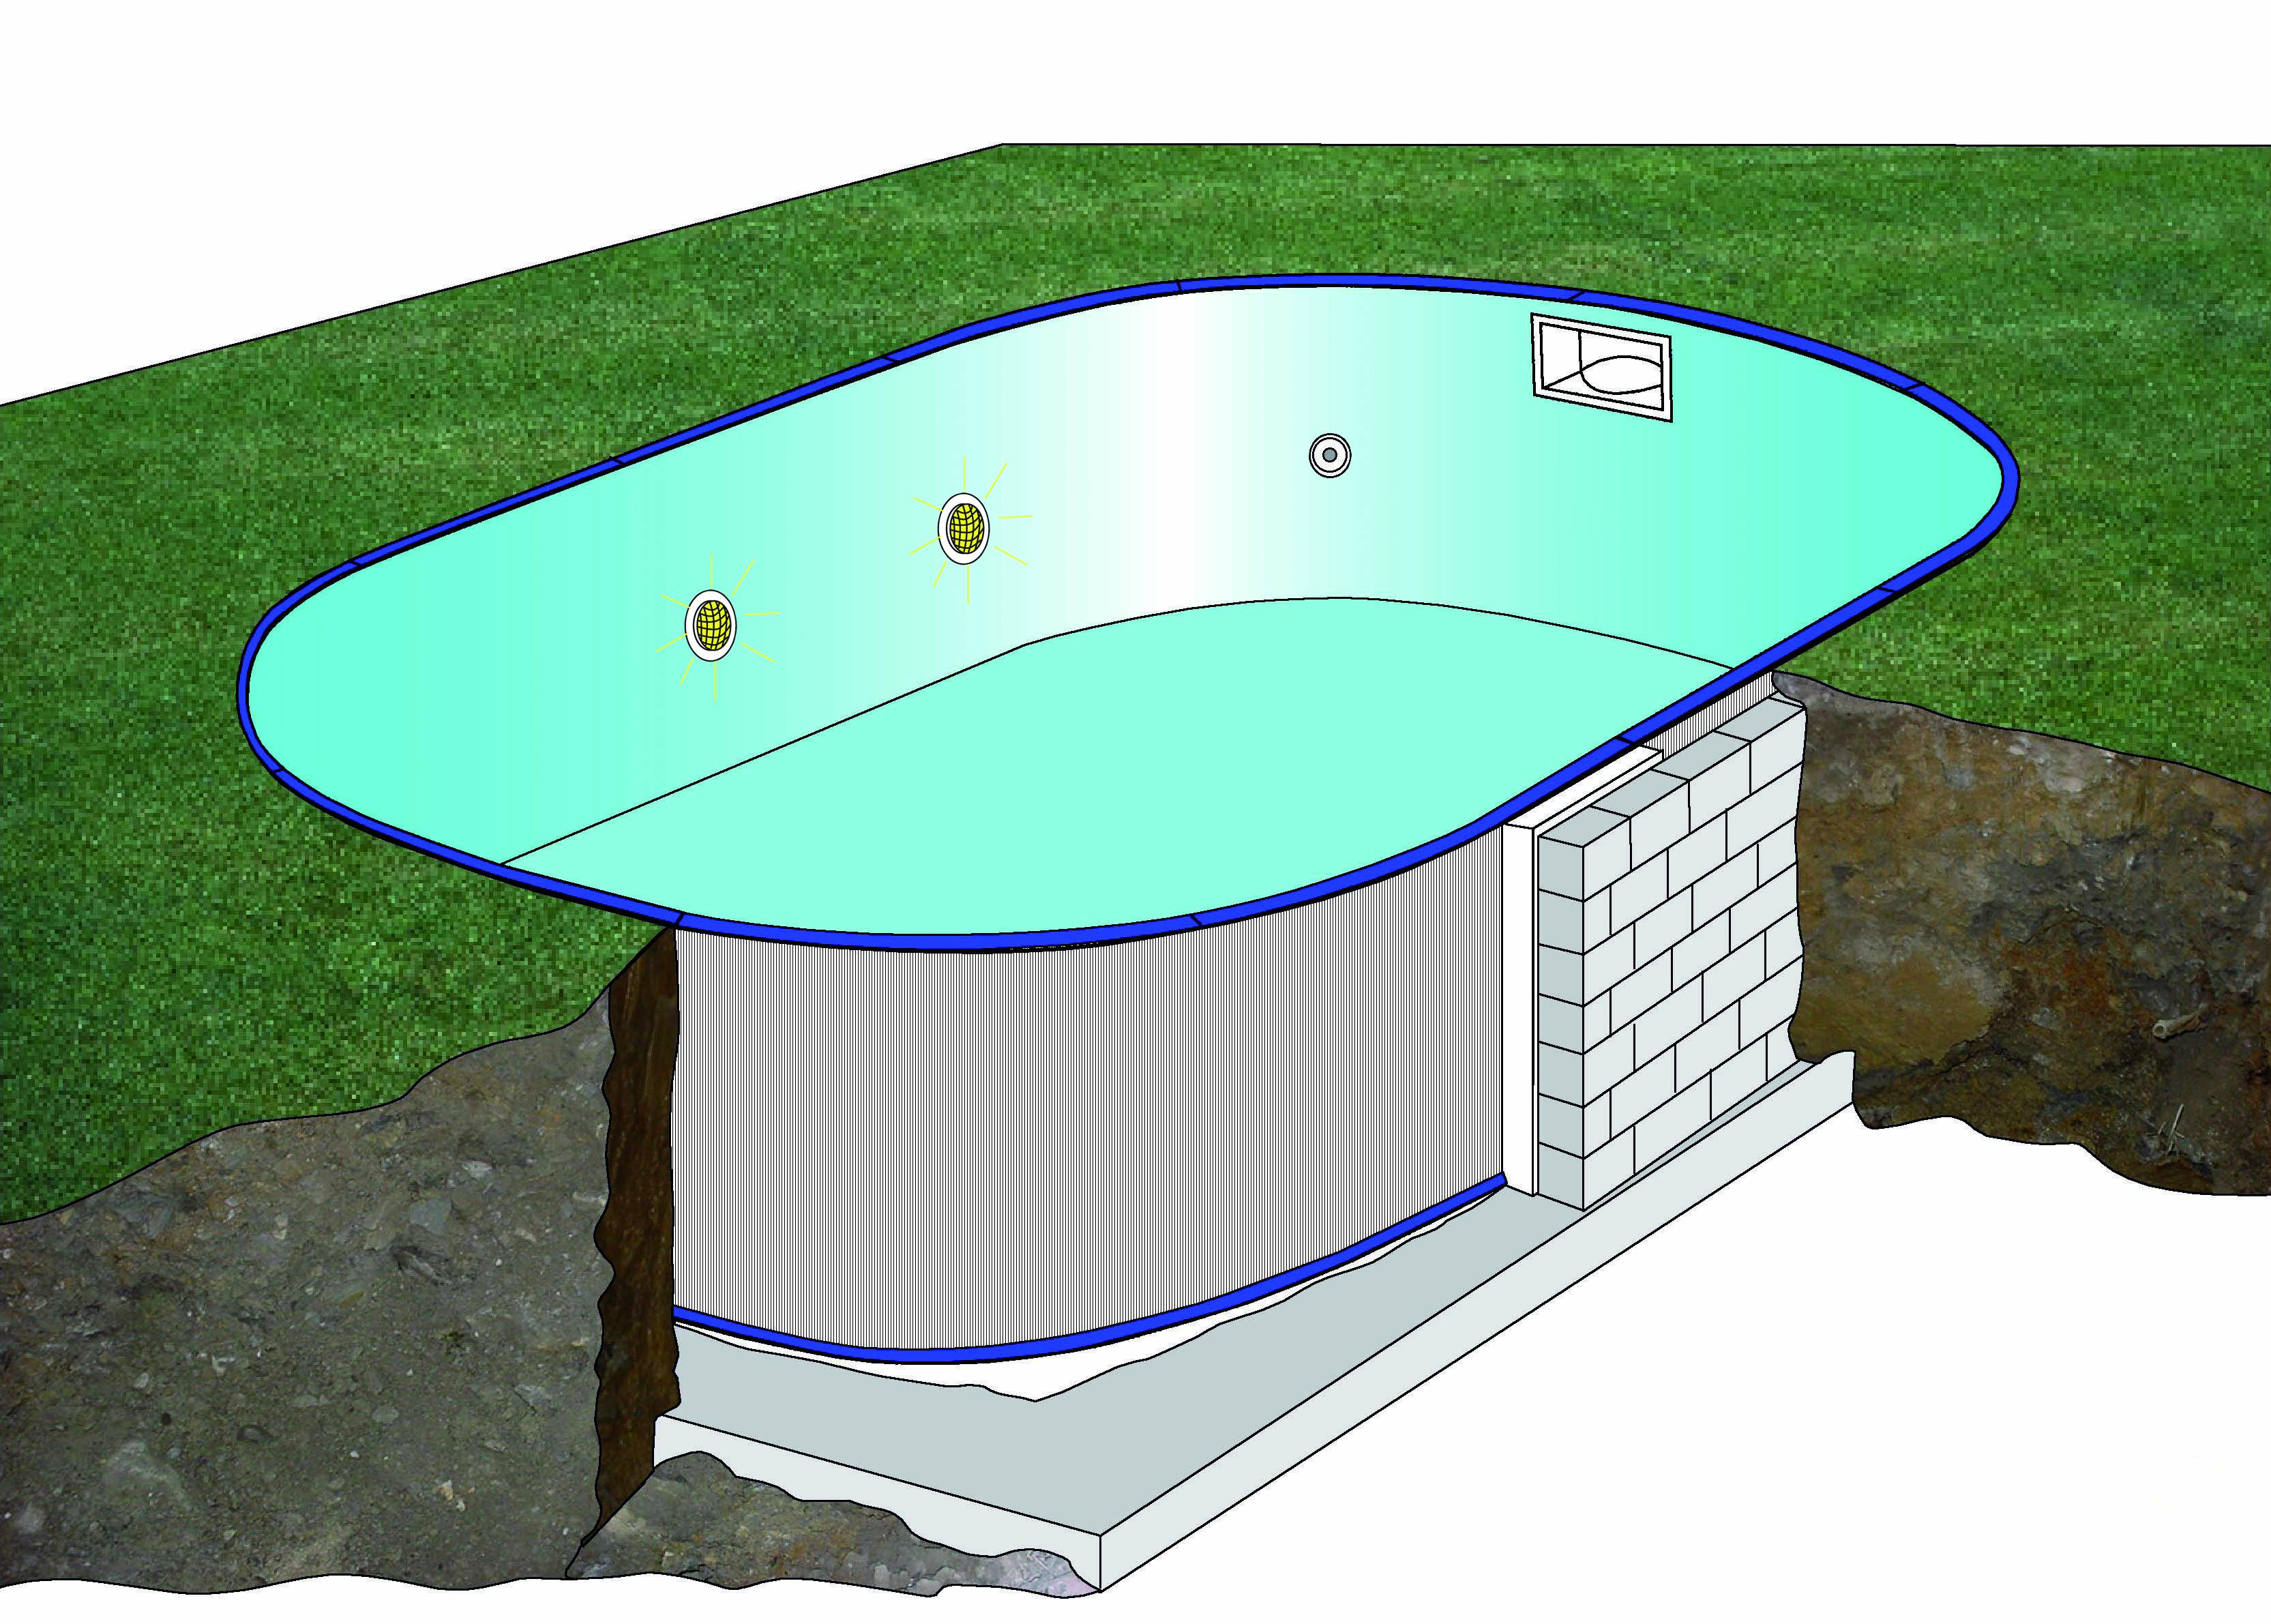 Sumatra 500x300x120 piscinas garrido for Piscinas garrido